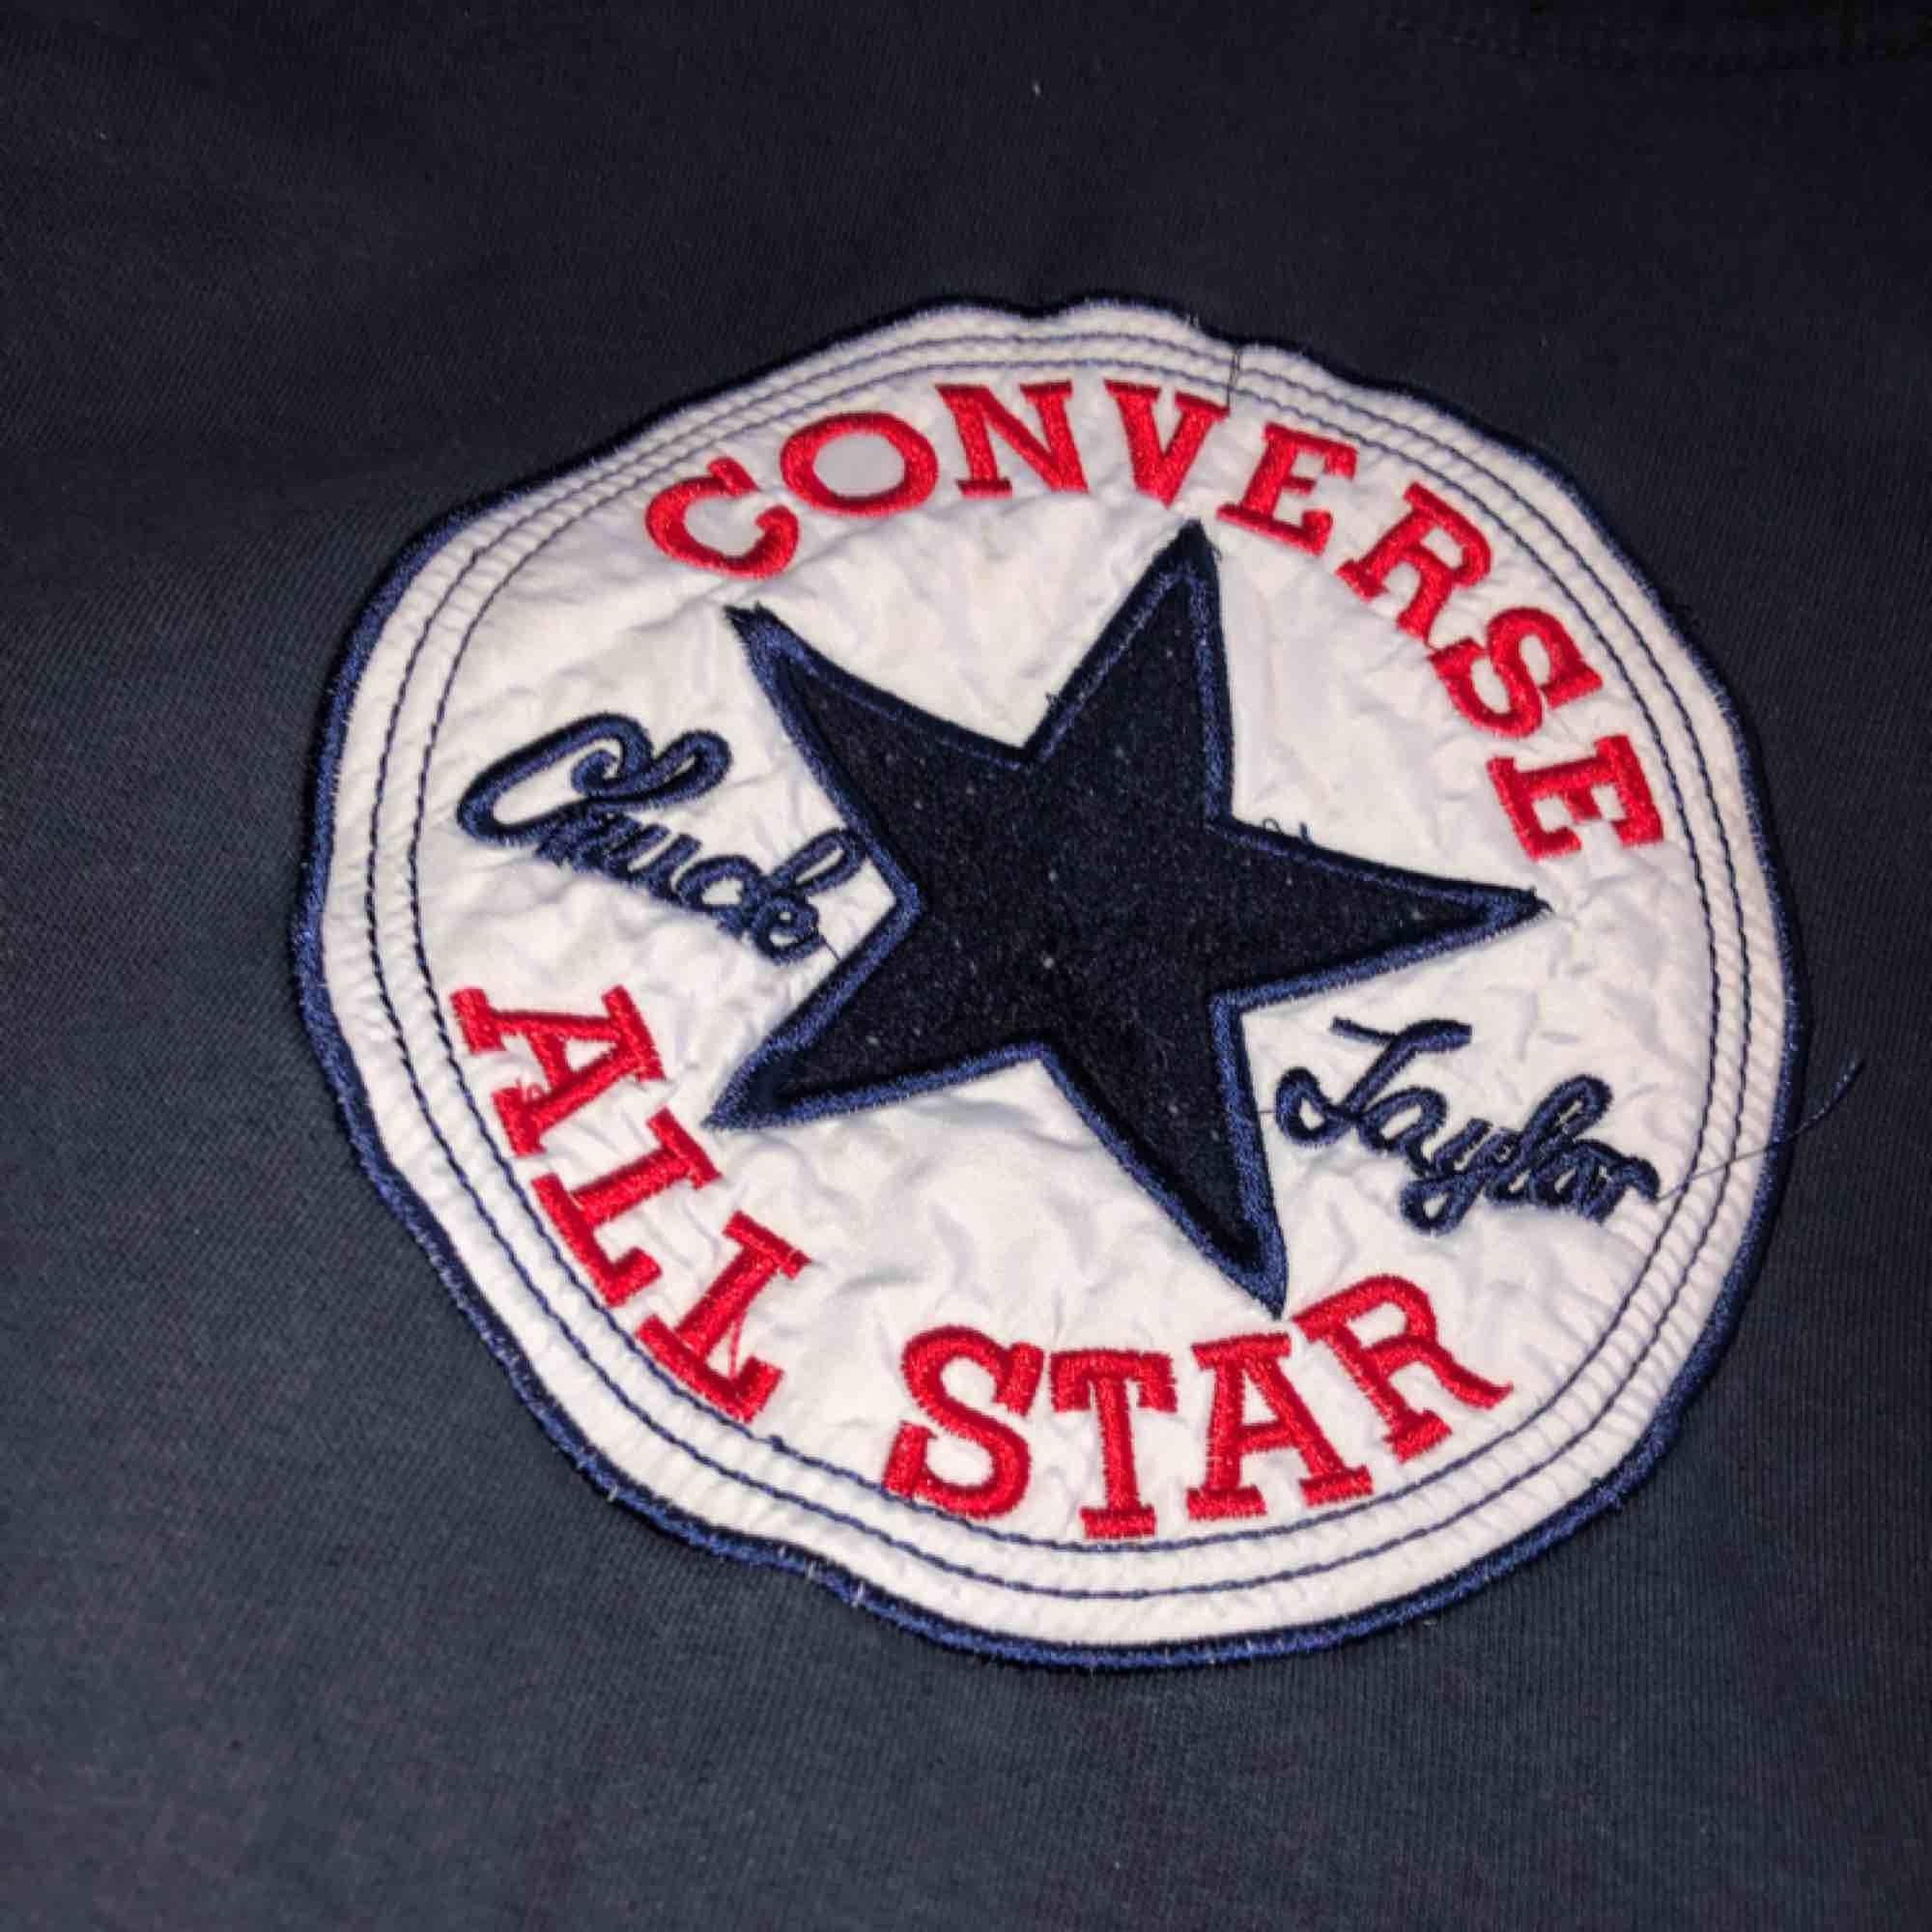 Converse hoodie i storlek S, använd några gånger. Huvtröjor & Träningströjor.